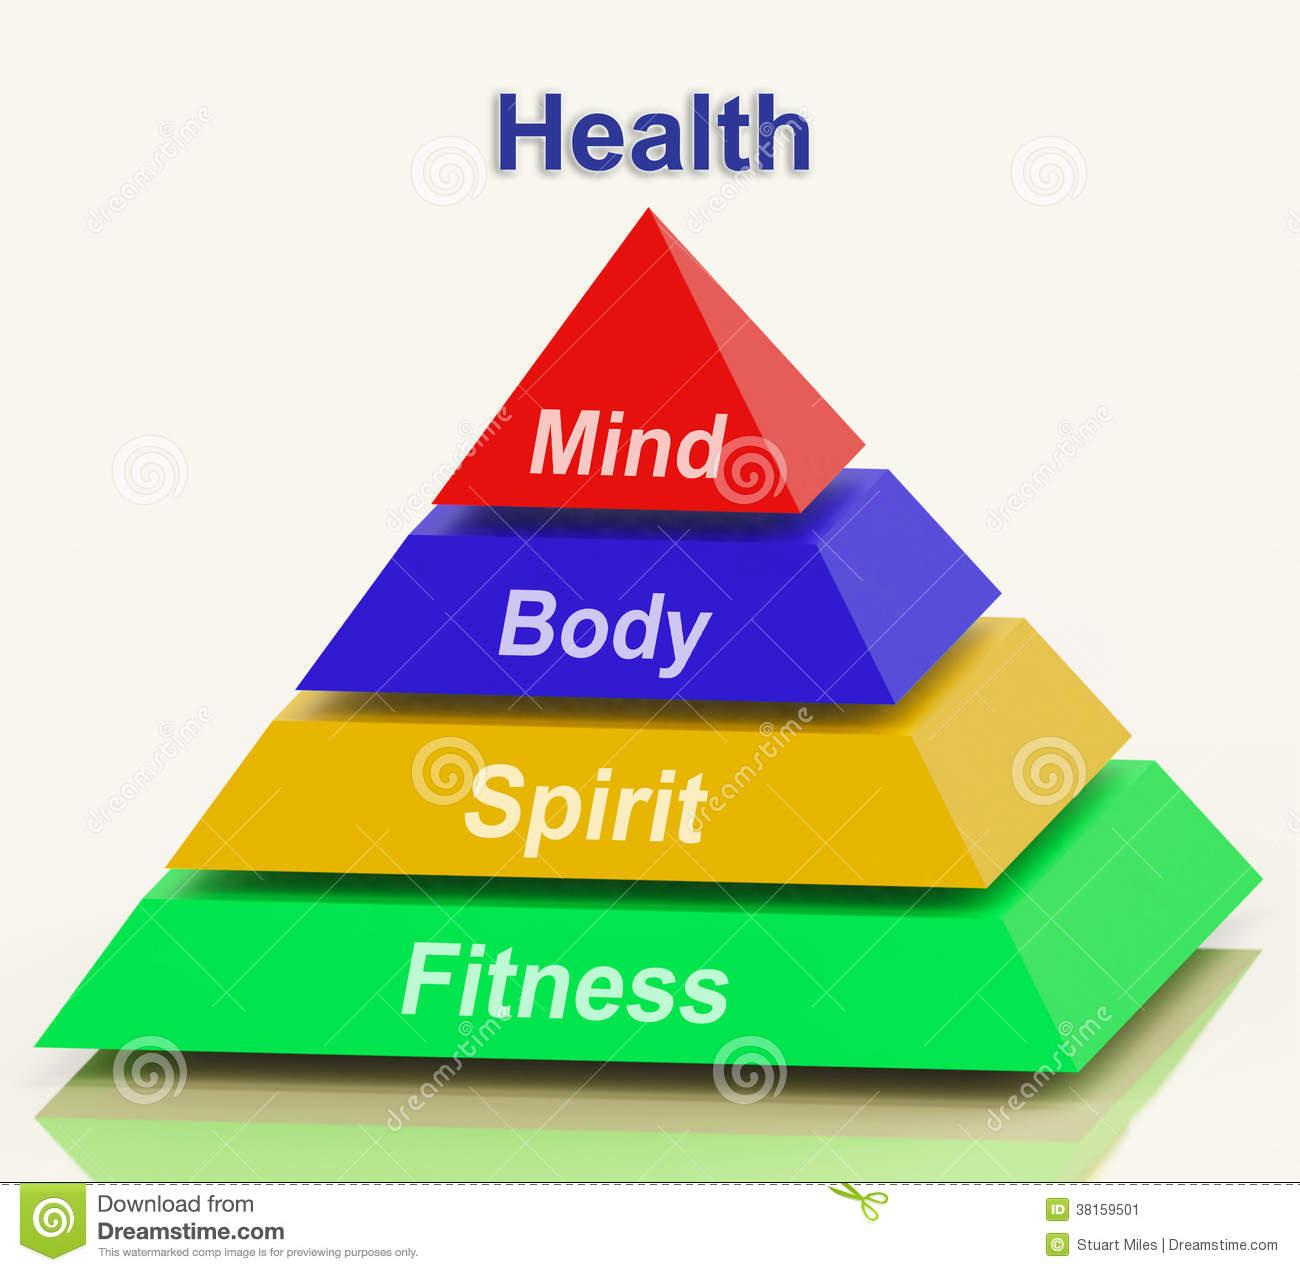 Mind clipart healthy mind Healthy Art clipart Free Healthy